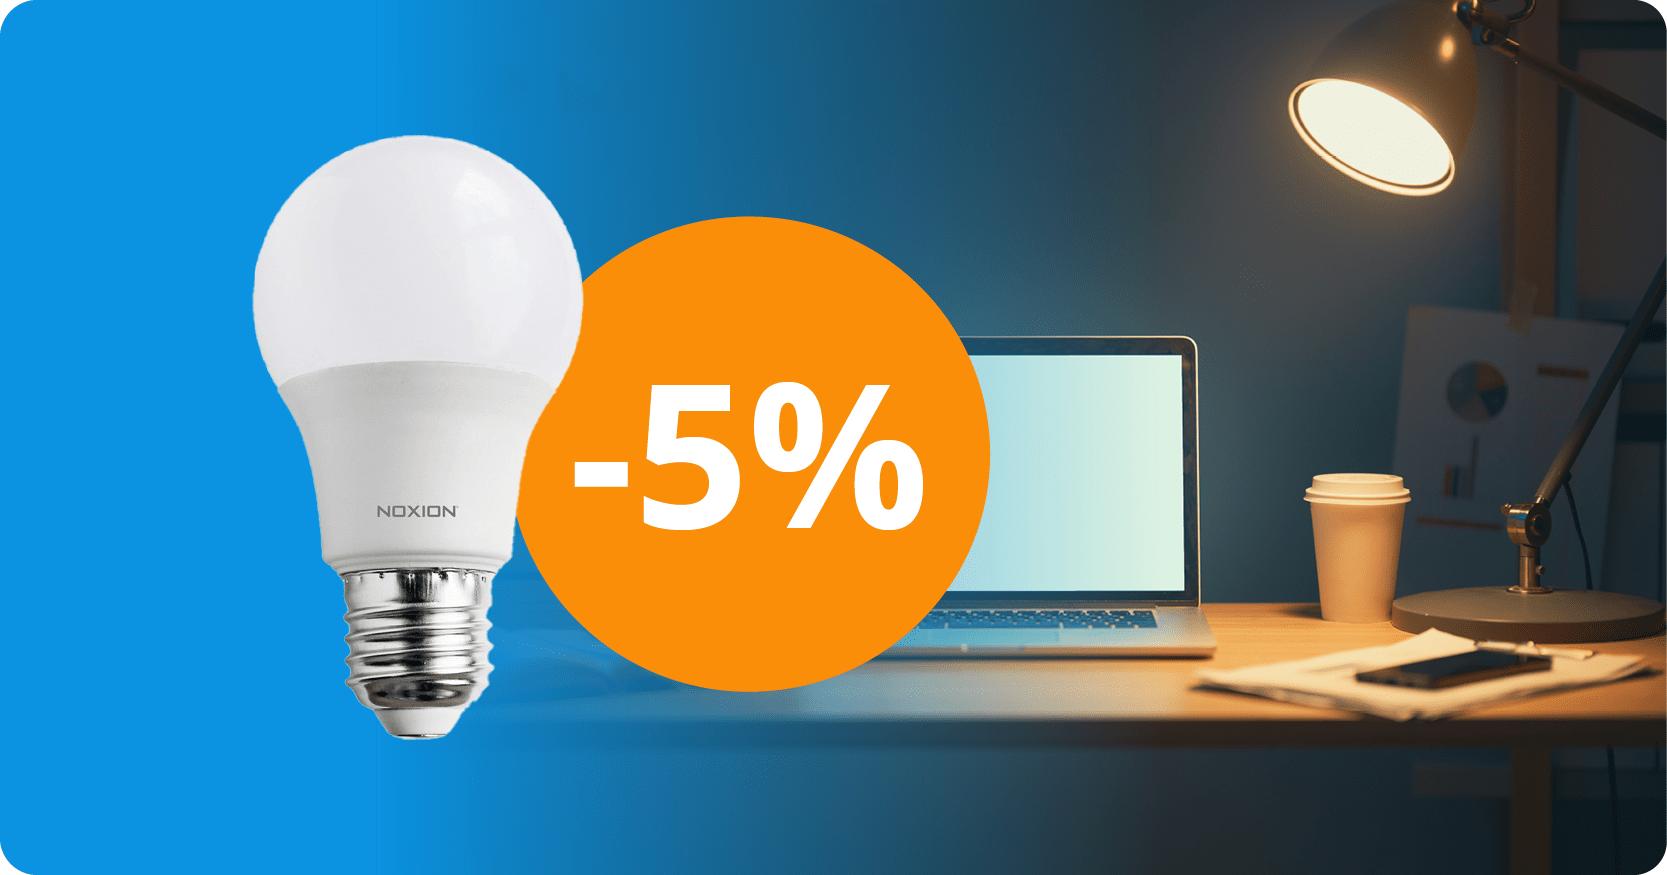 Noxion PRO LED lamp